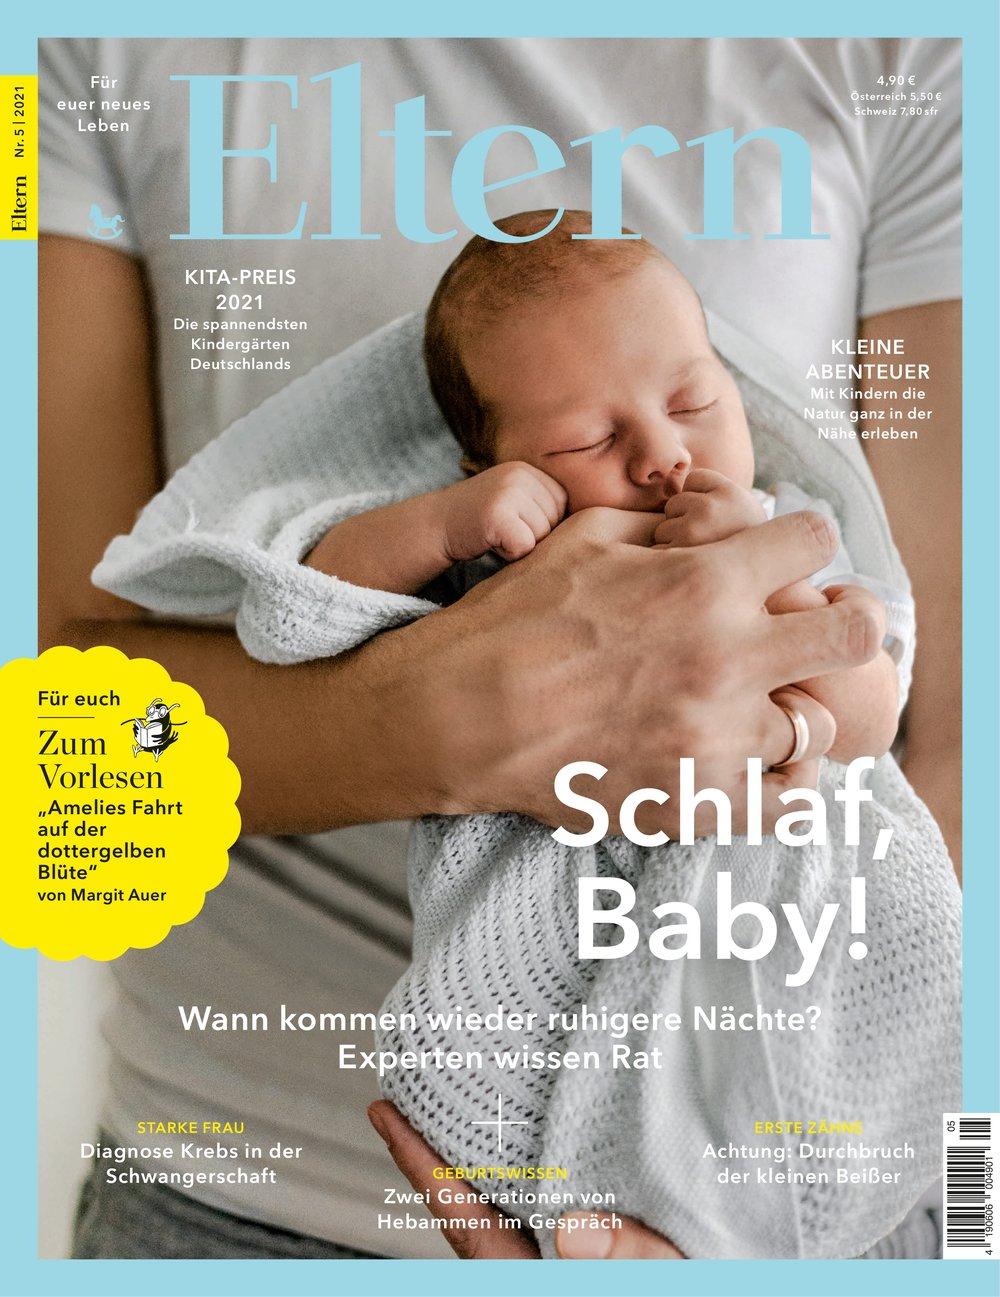 Eltern und Eltern Family Magazin im Jahresabo (13 Ausgaben) für jeweils 58,80 € + 50 € Gutscheinprämie (Amazon, BestChoice, oder Rossmann)